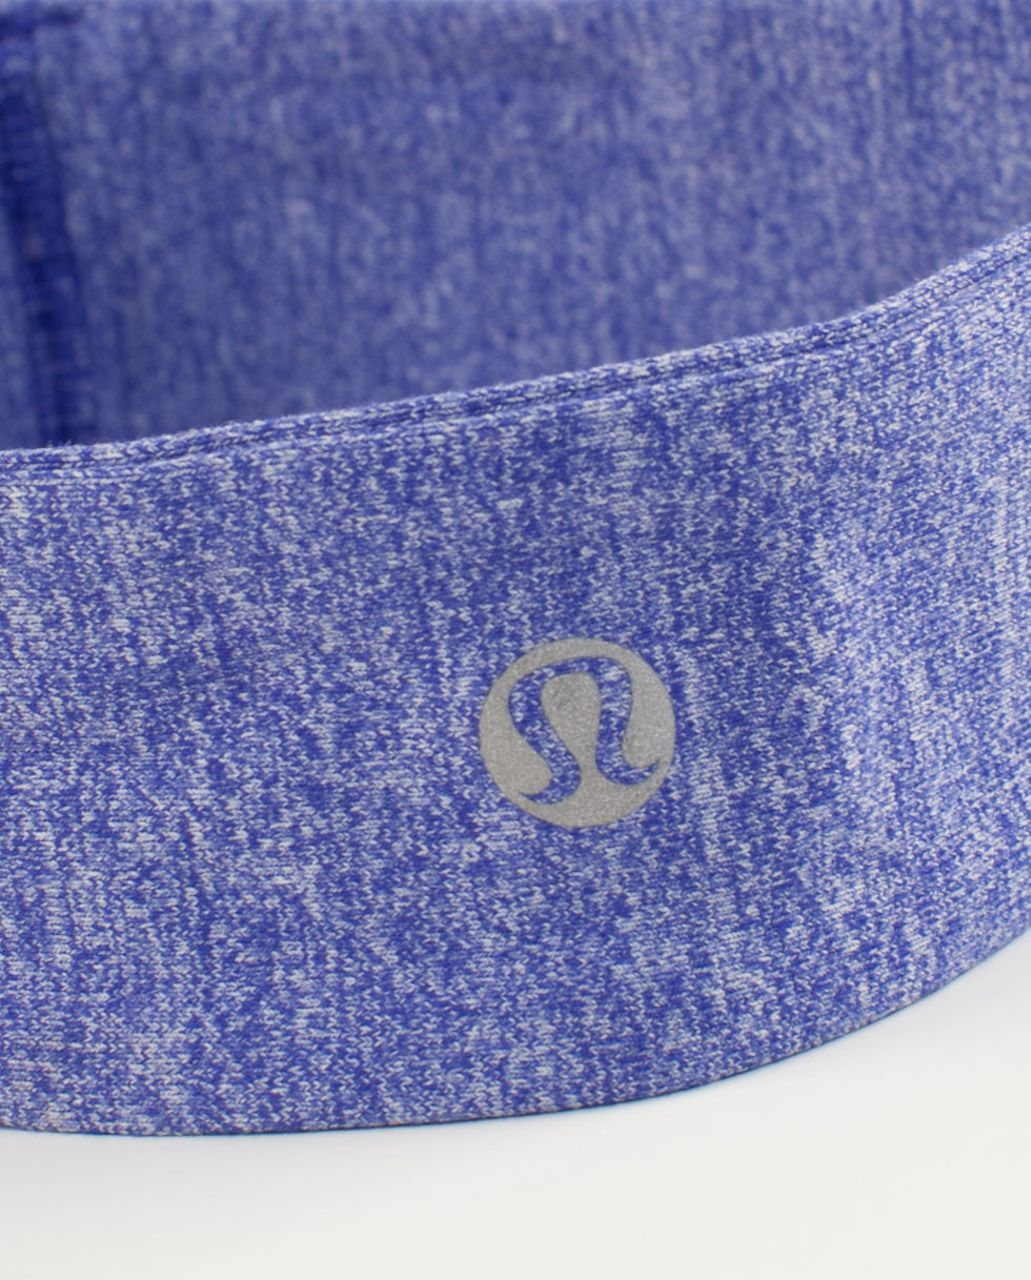 Lululemon Lucky Luon Headband - Heathered Pigment Blue